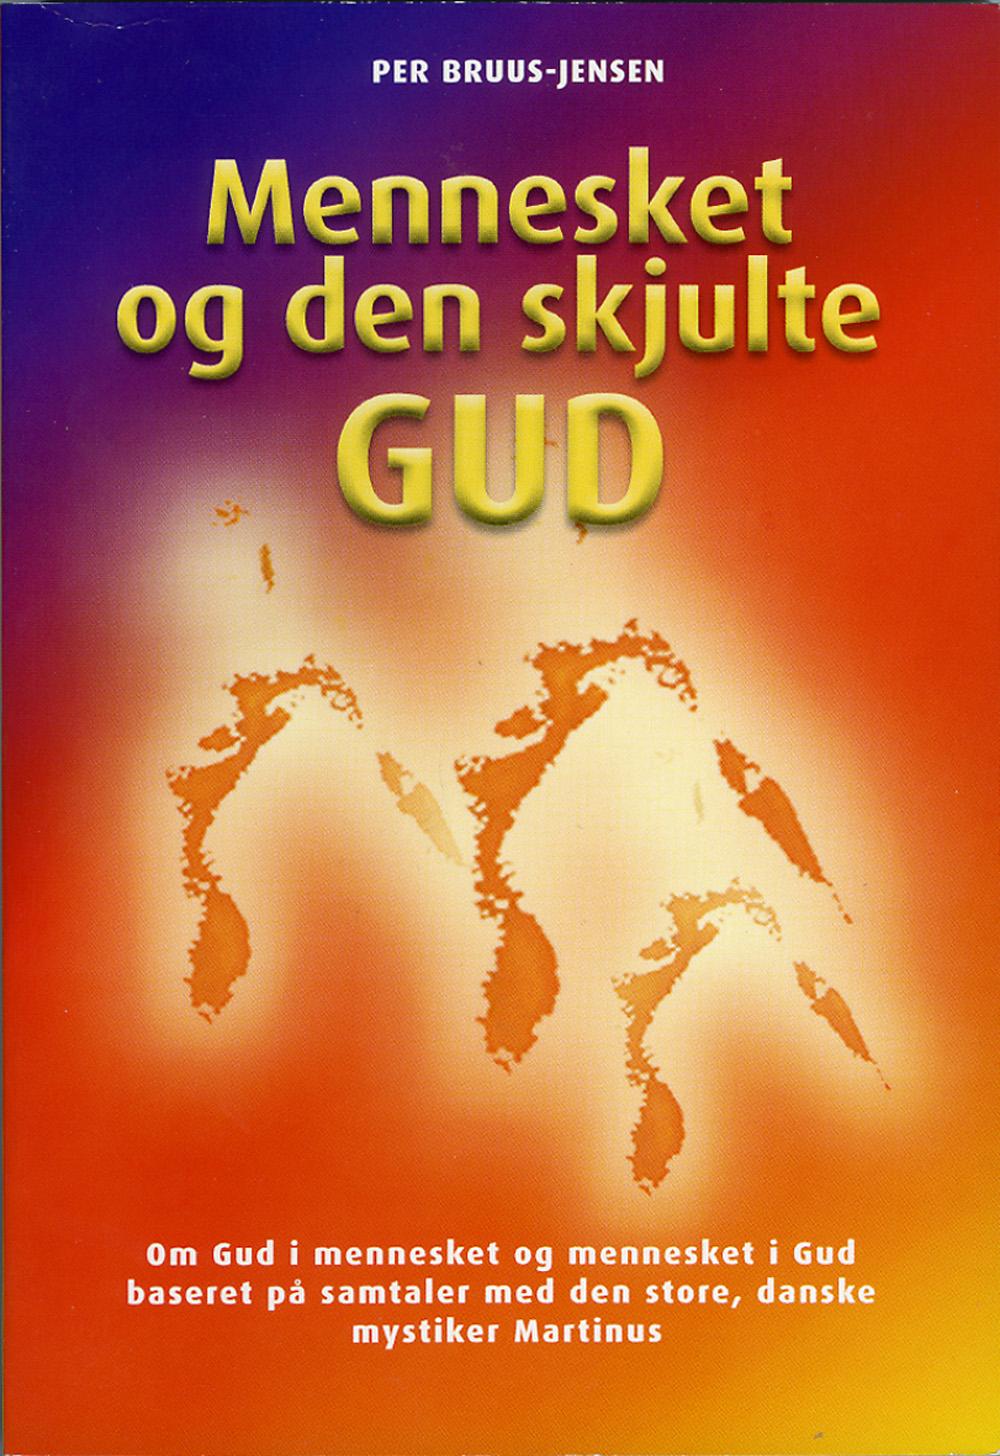 Mennesket og den skjulte GUD av Per Bruus-Jensen